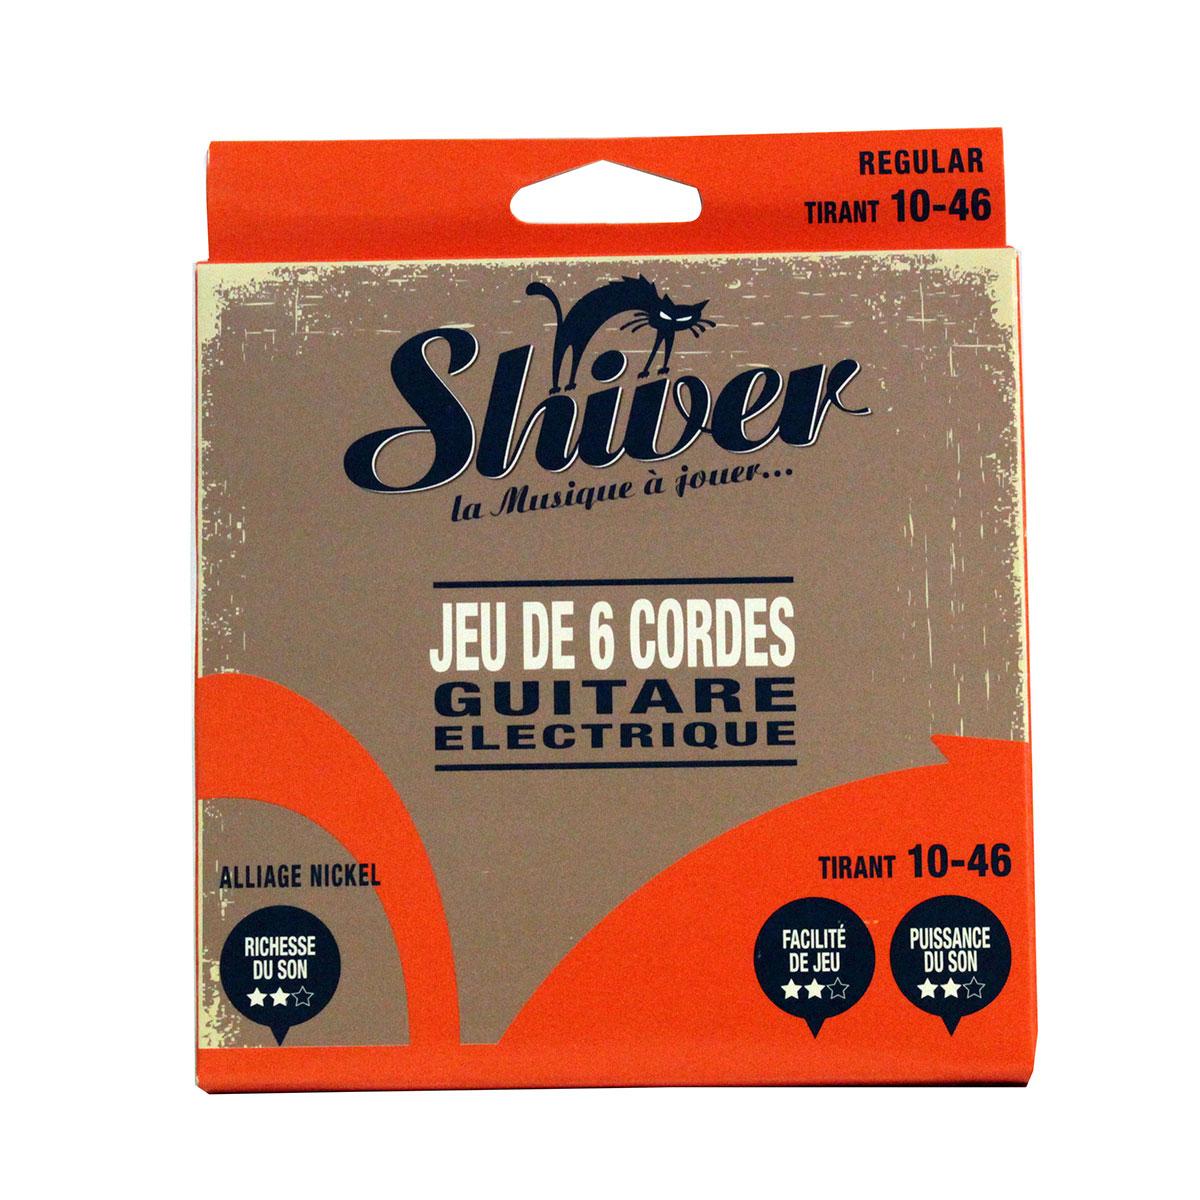 Shiver - Jeu 6 cordes guitare électrique 10-46 basic